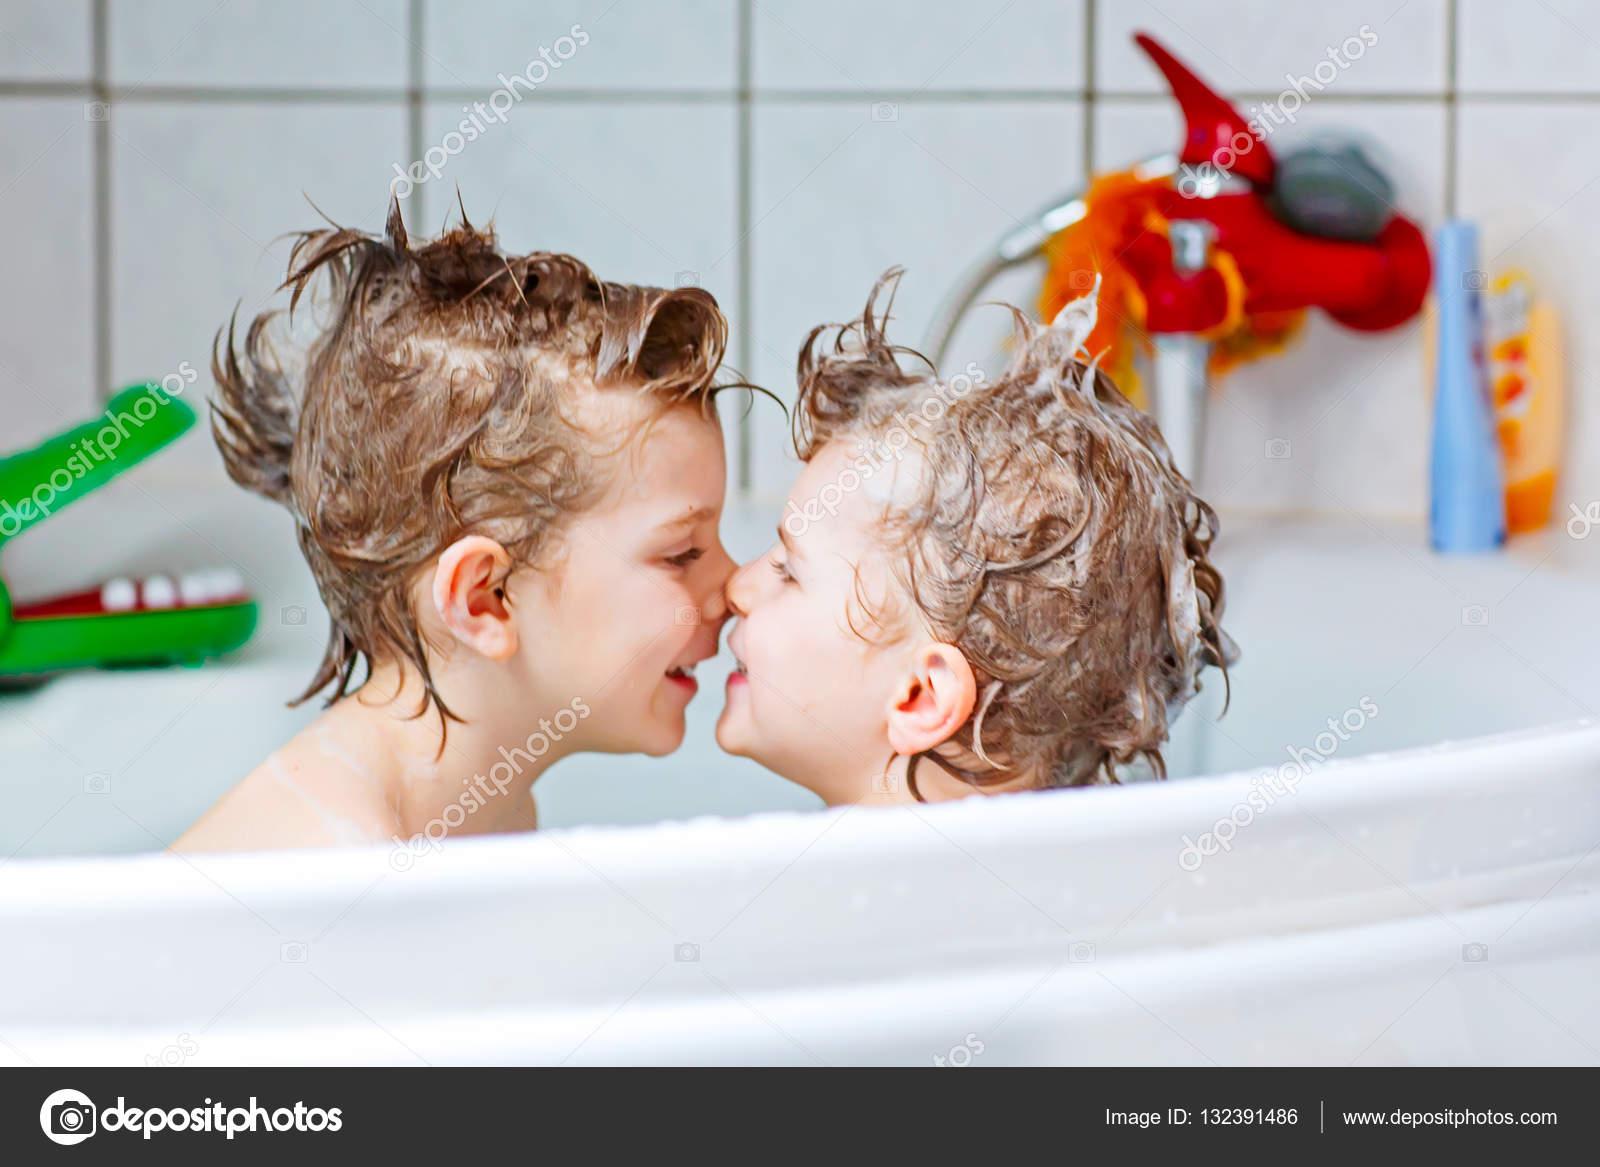 Vasca Da Bagno Per Bambini : Due bimbi piccoli ragazzi che giocano insieme nella vasca da bagno